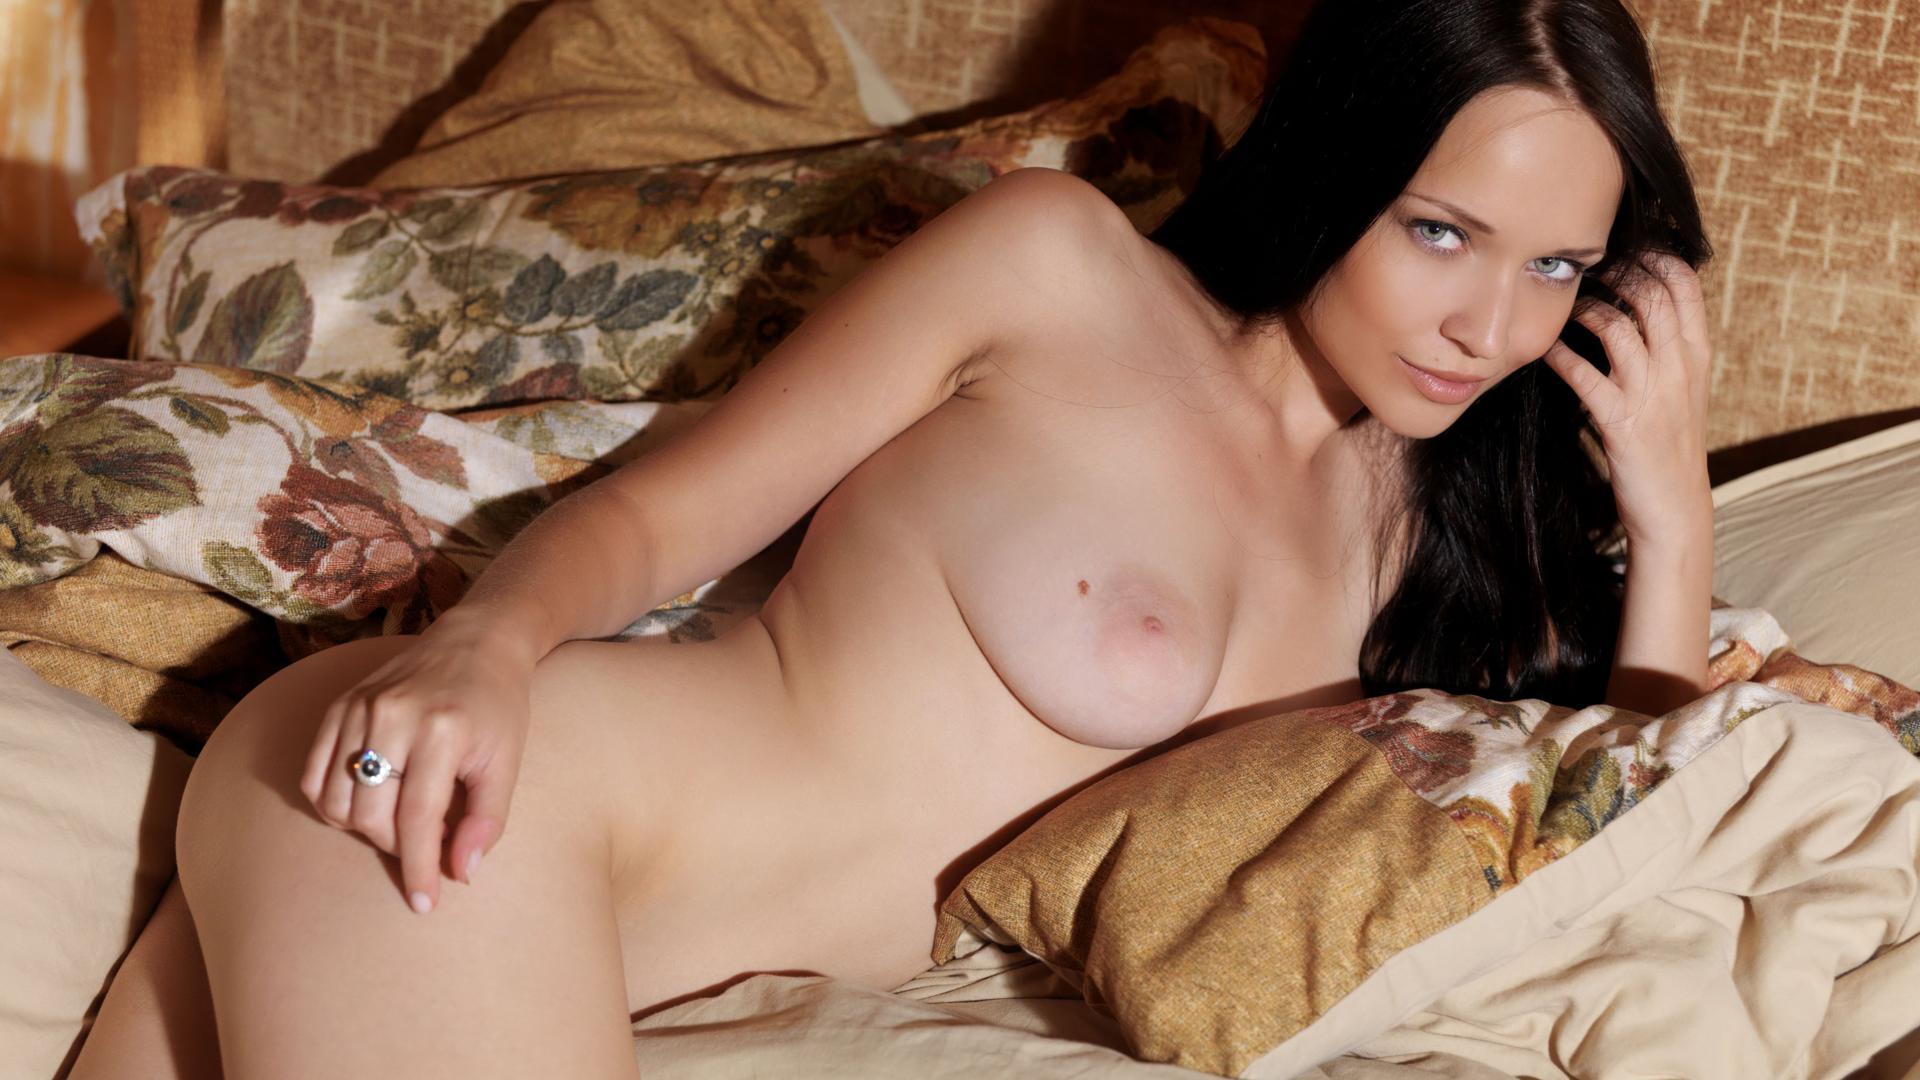 Naked angelina petrova Angelina Petrova